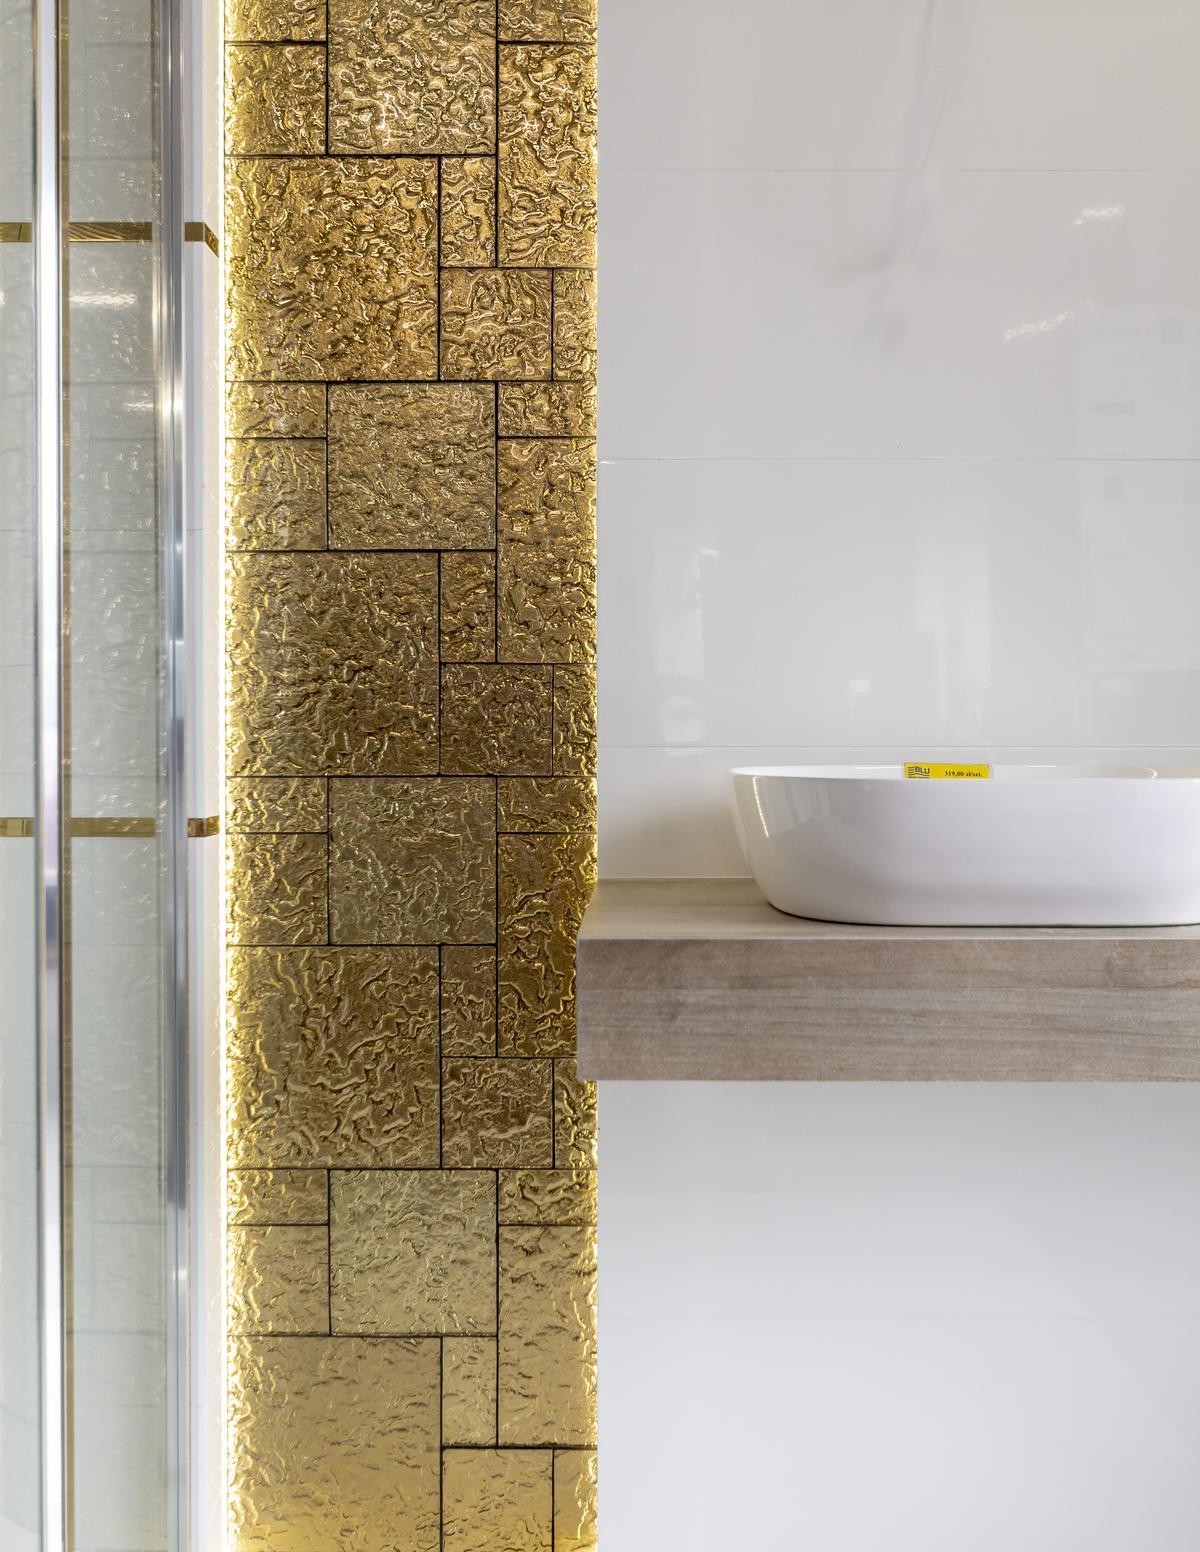 Ściana wykończona złotymi i białymi płytkami Azario Zanzibar New - zdjęcie od BLU salon łazienek Biała Podlaska